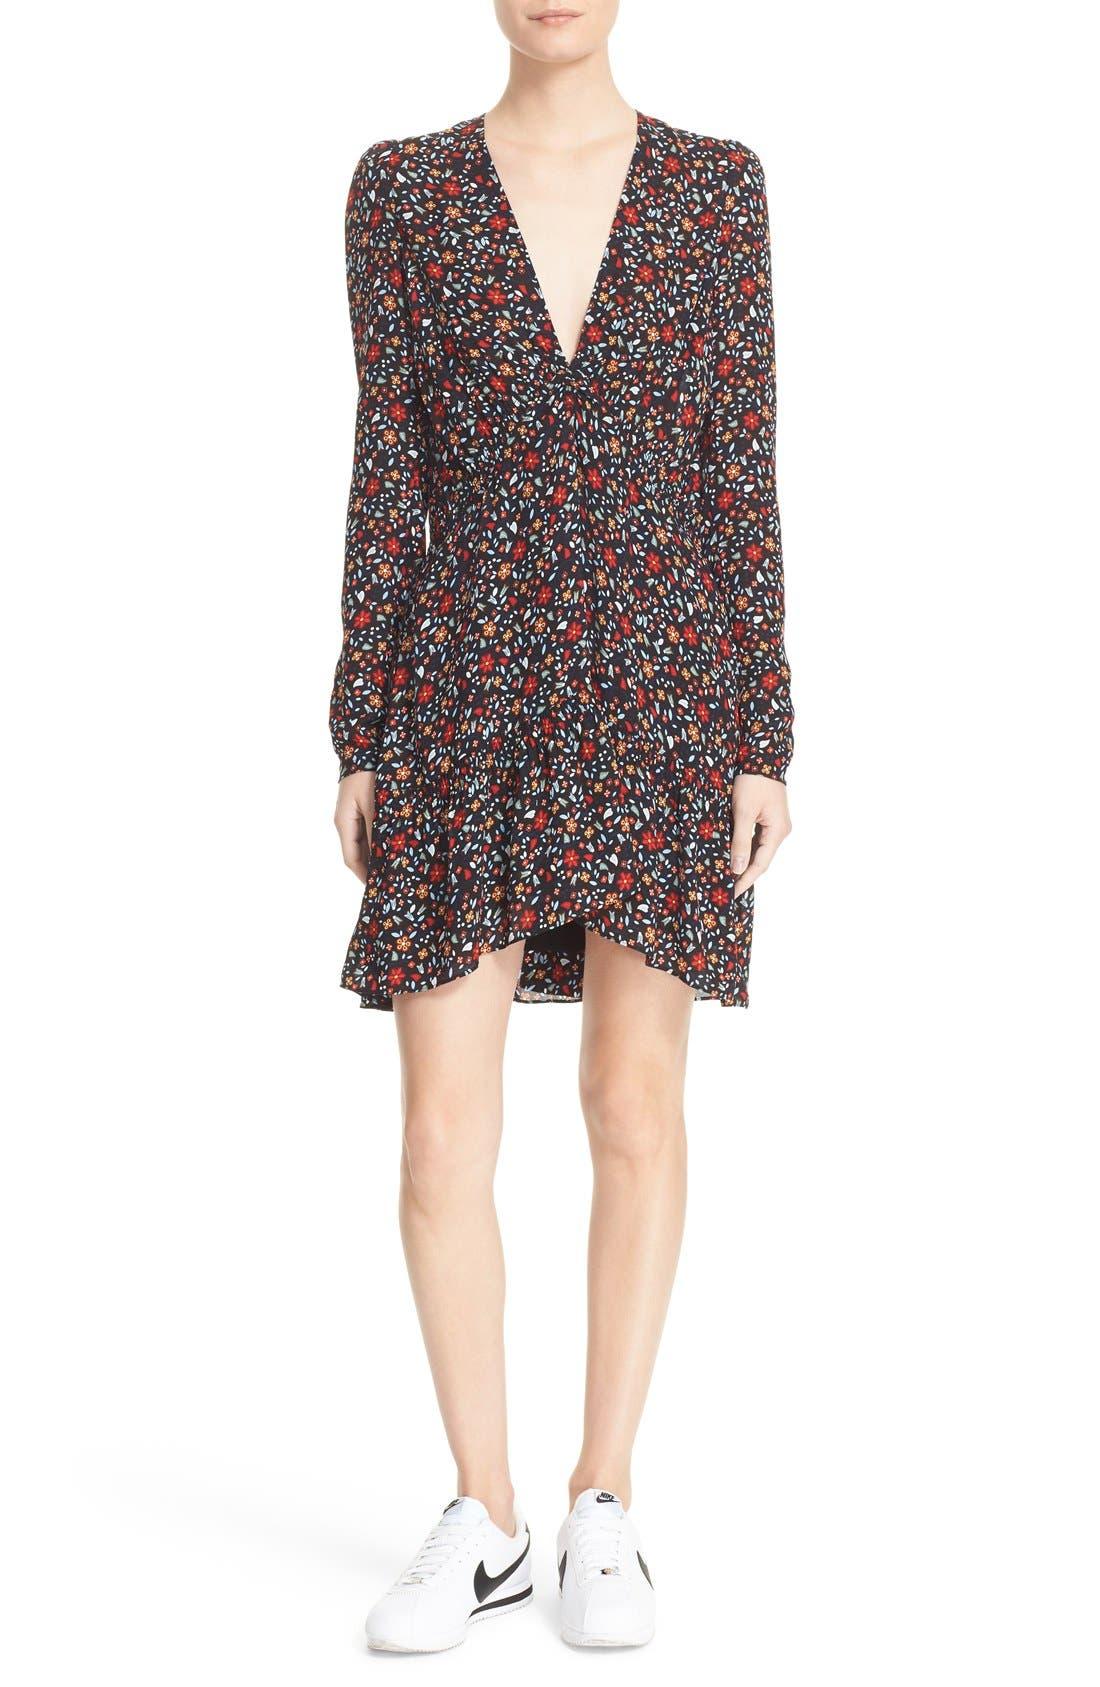 A.L.C. Renata Floral Print Dress